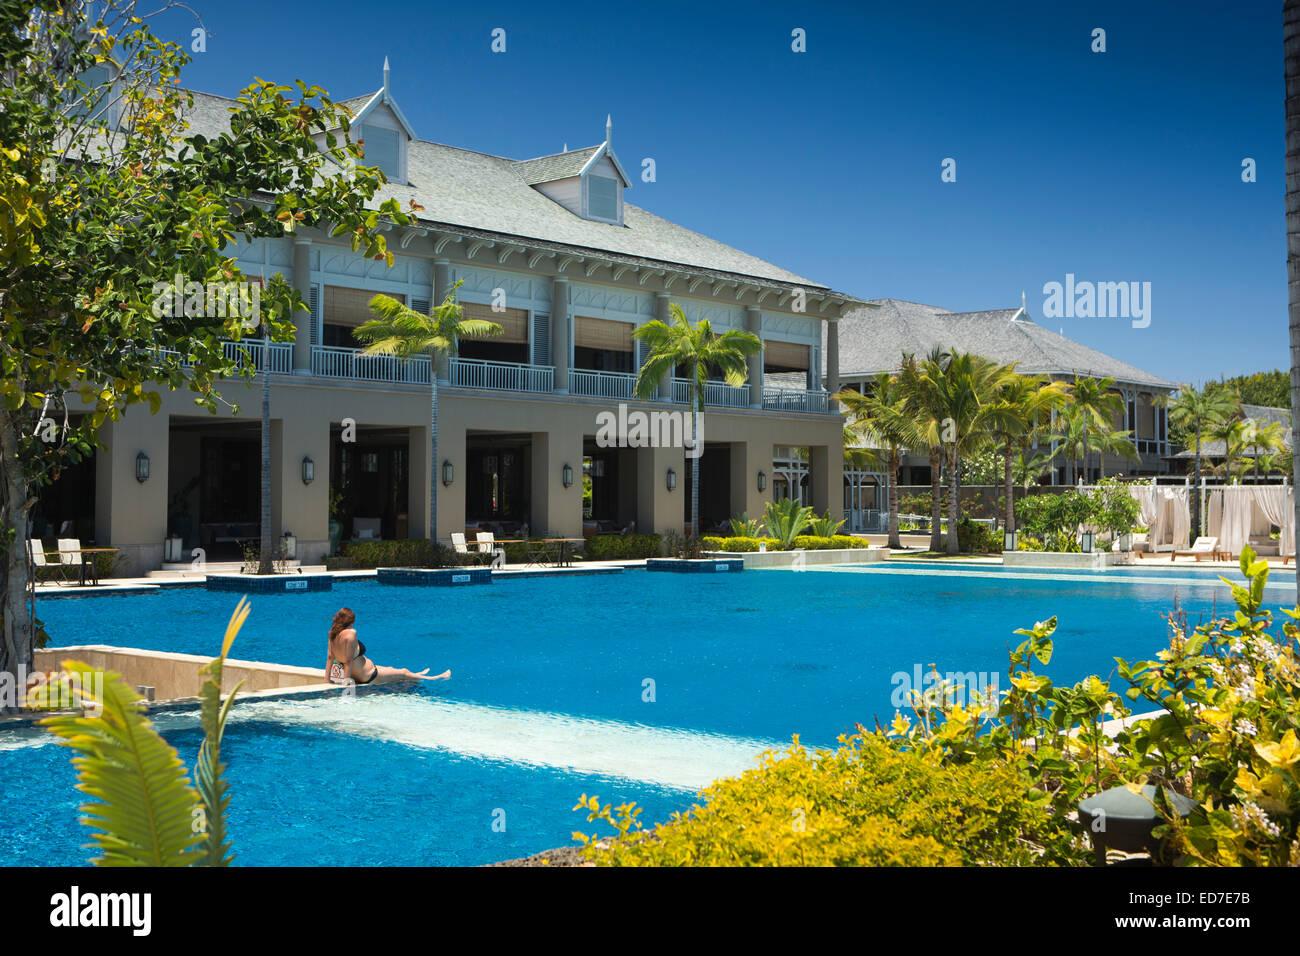 Mauritius le morne lux le morne hotel swimming pool for Swimming pool mauritius